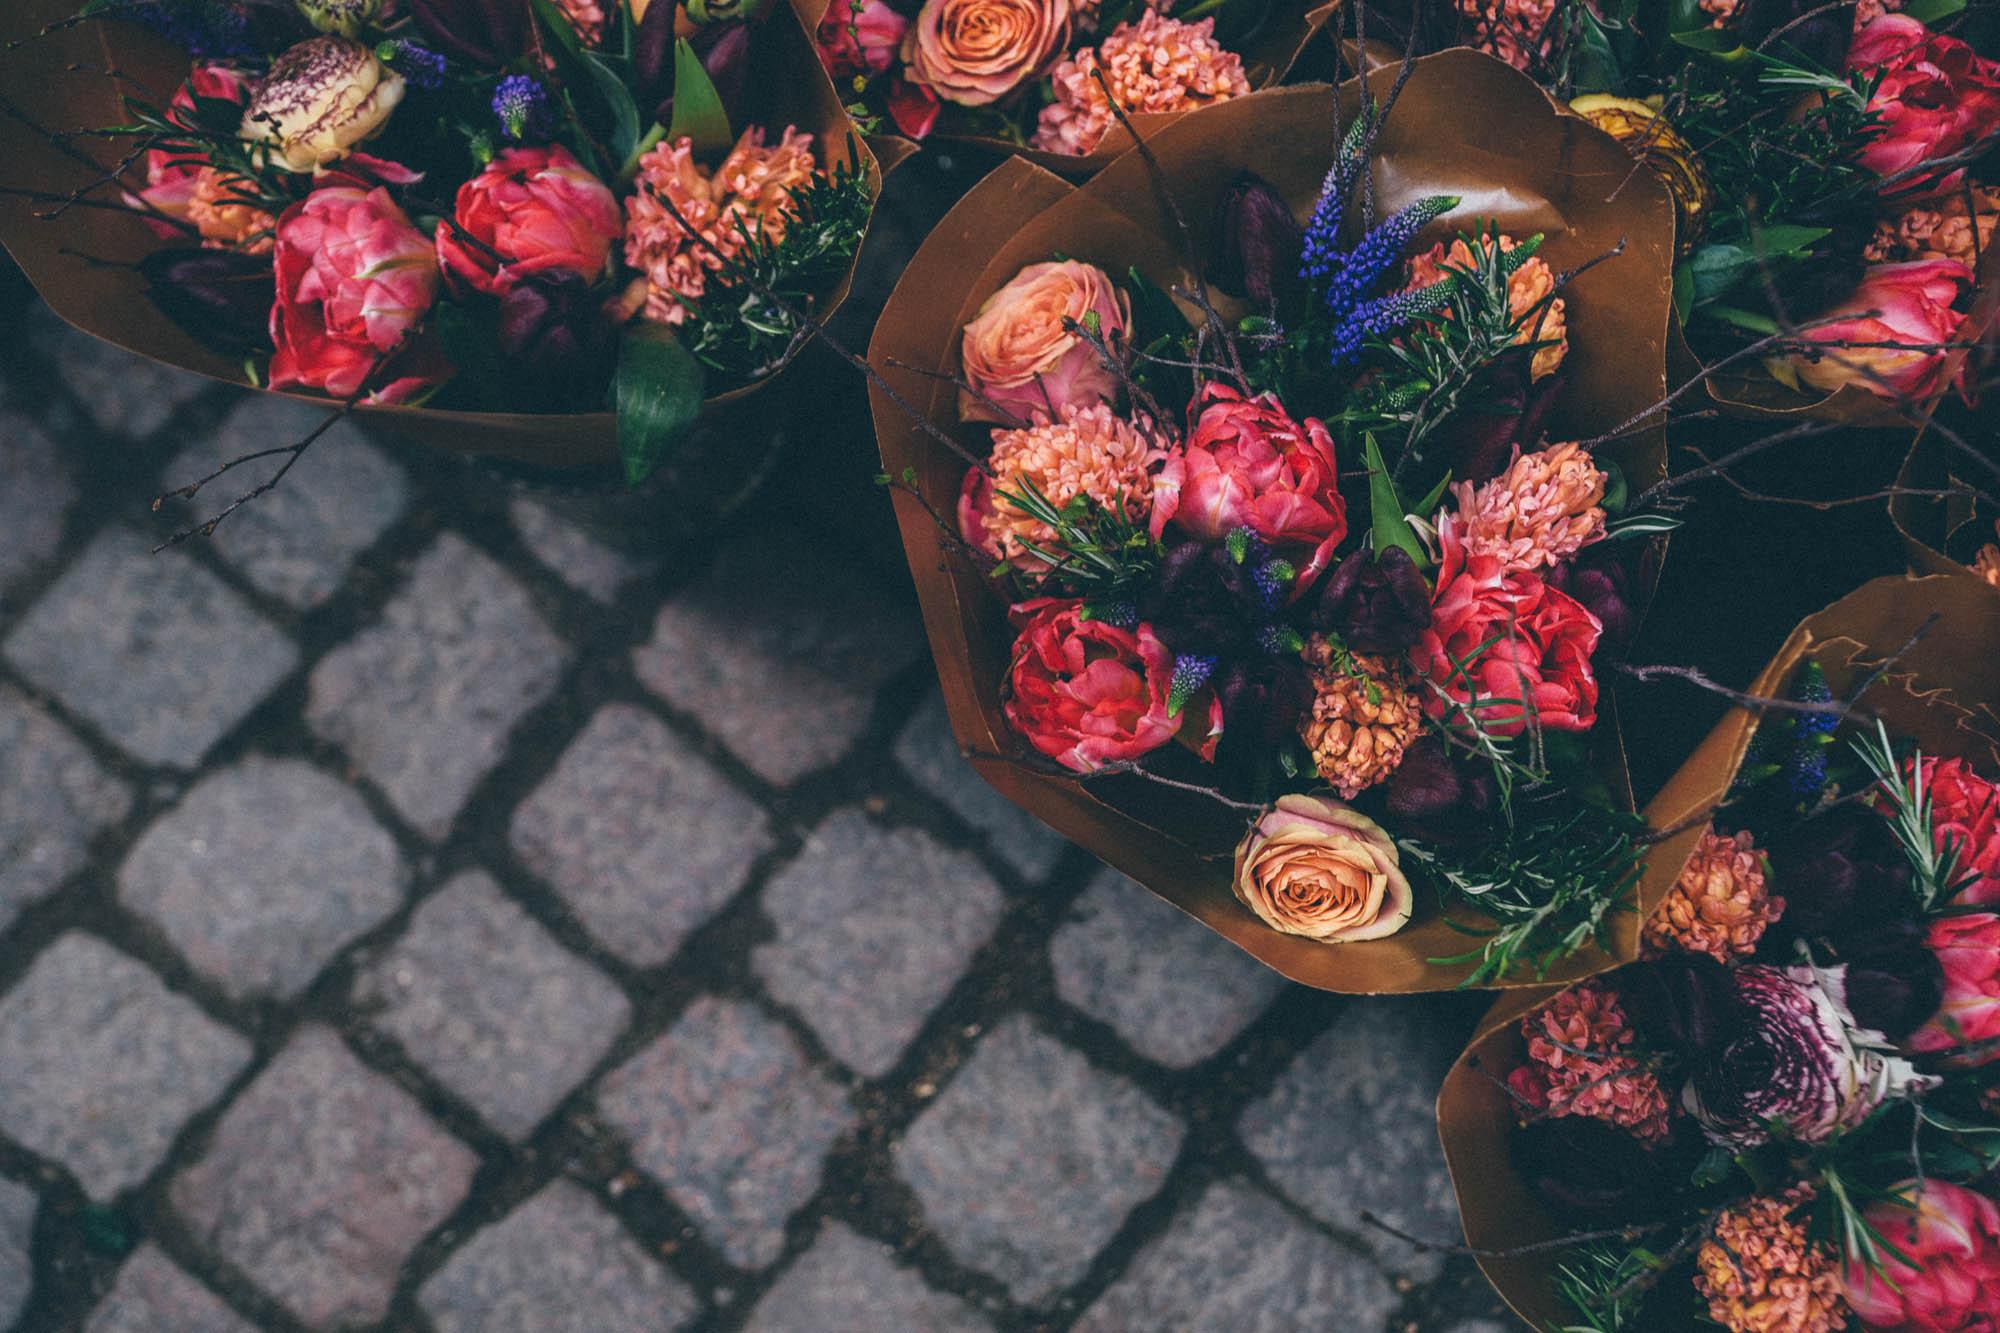 stockholm-romantique-8